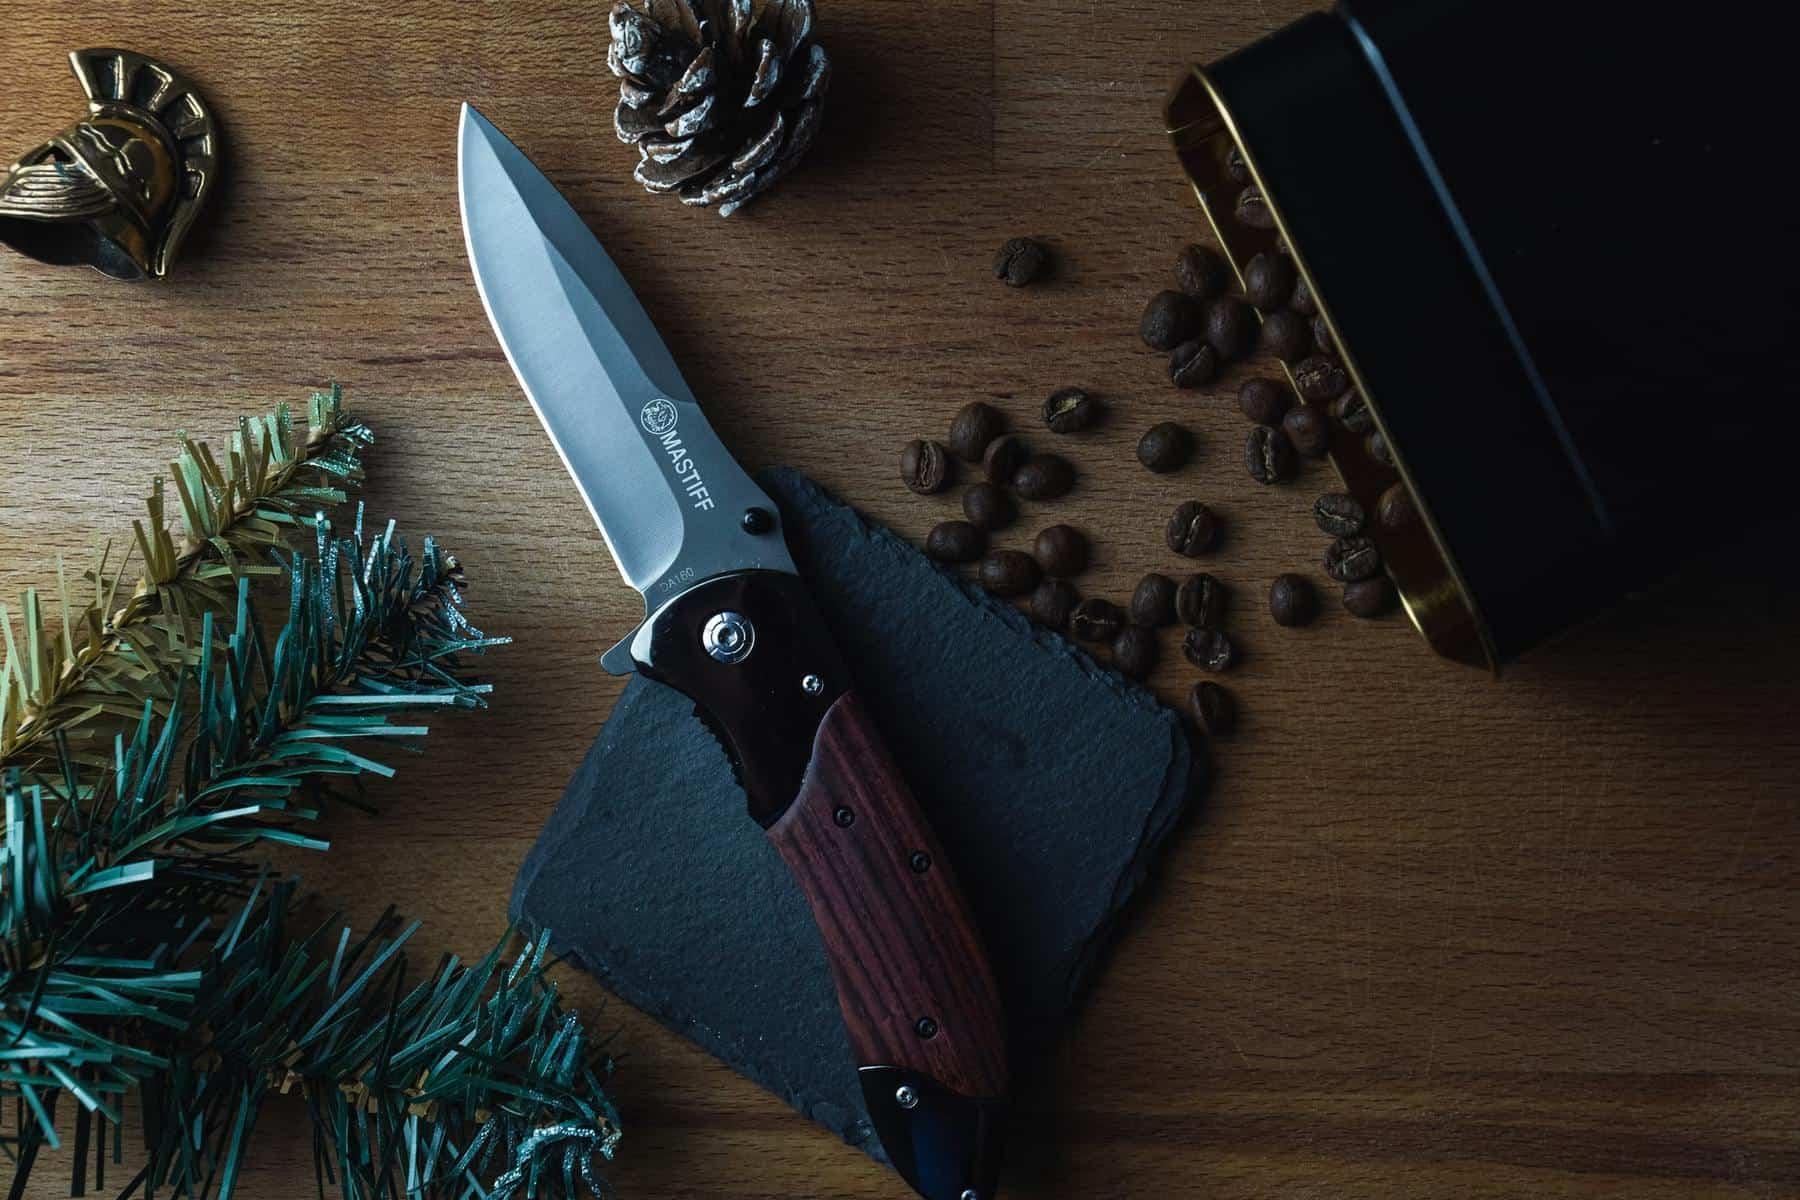 EDC Knife Benefits